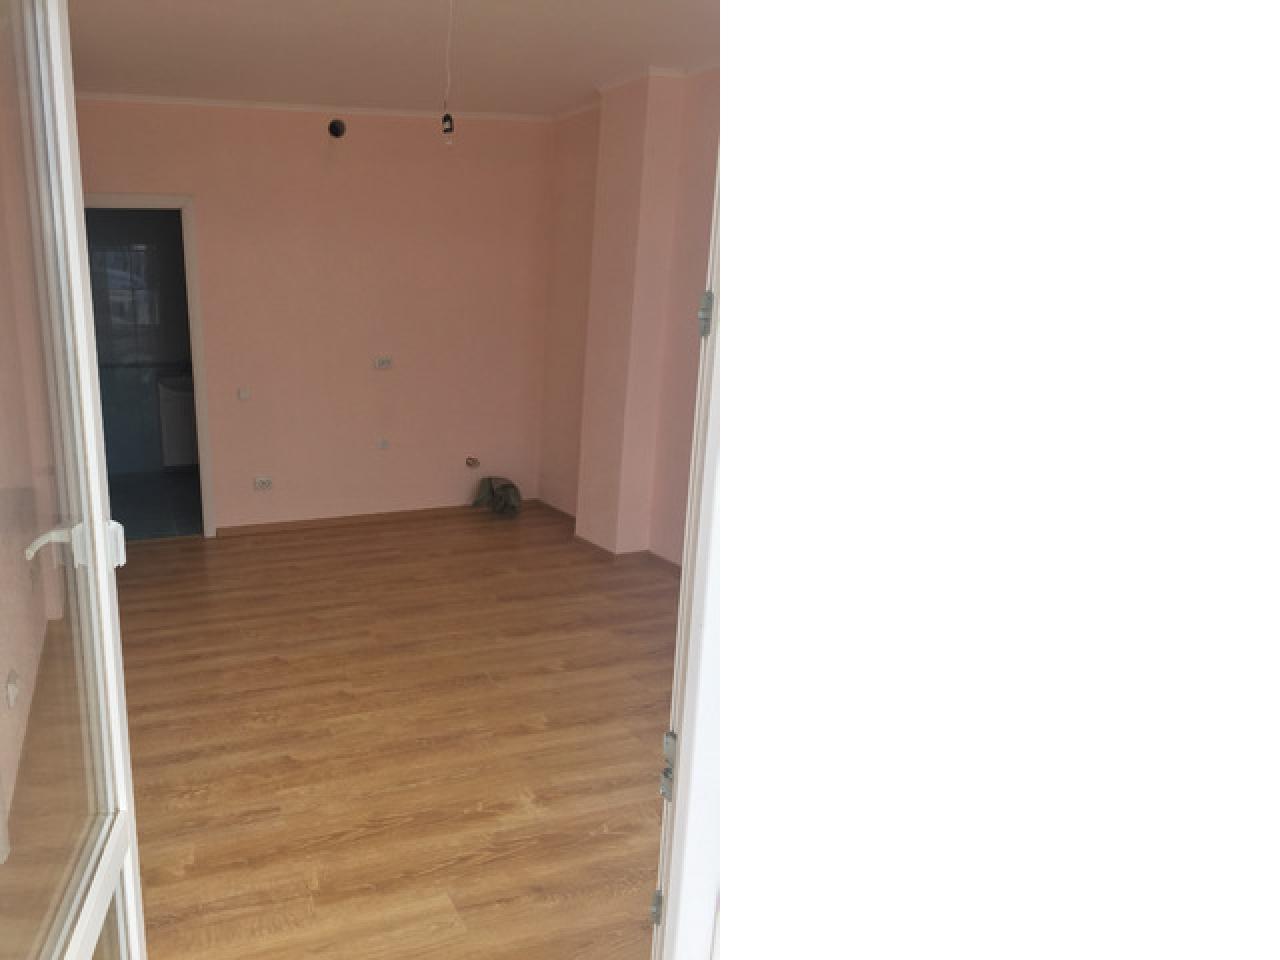 3-х комнатная квартира в Алупке, Крым, РОССИЯ  цена £87,000 Пишите, звоните! - 4